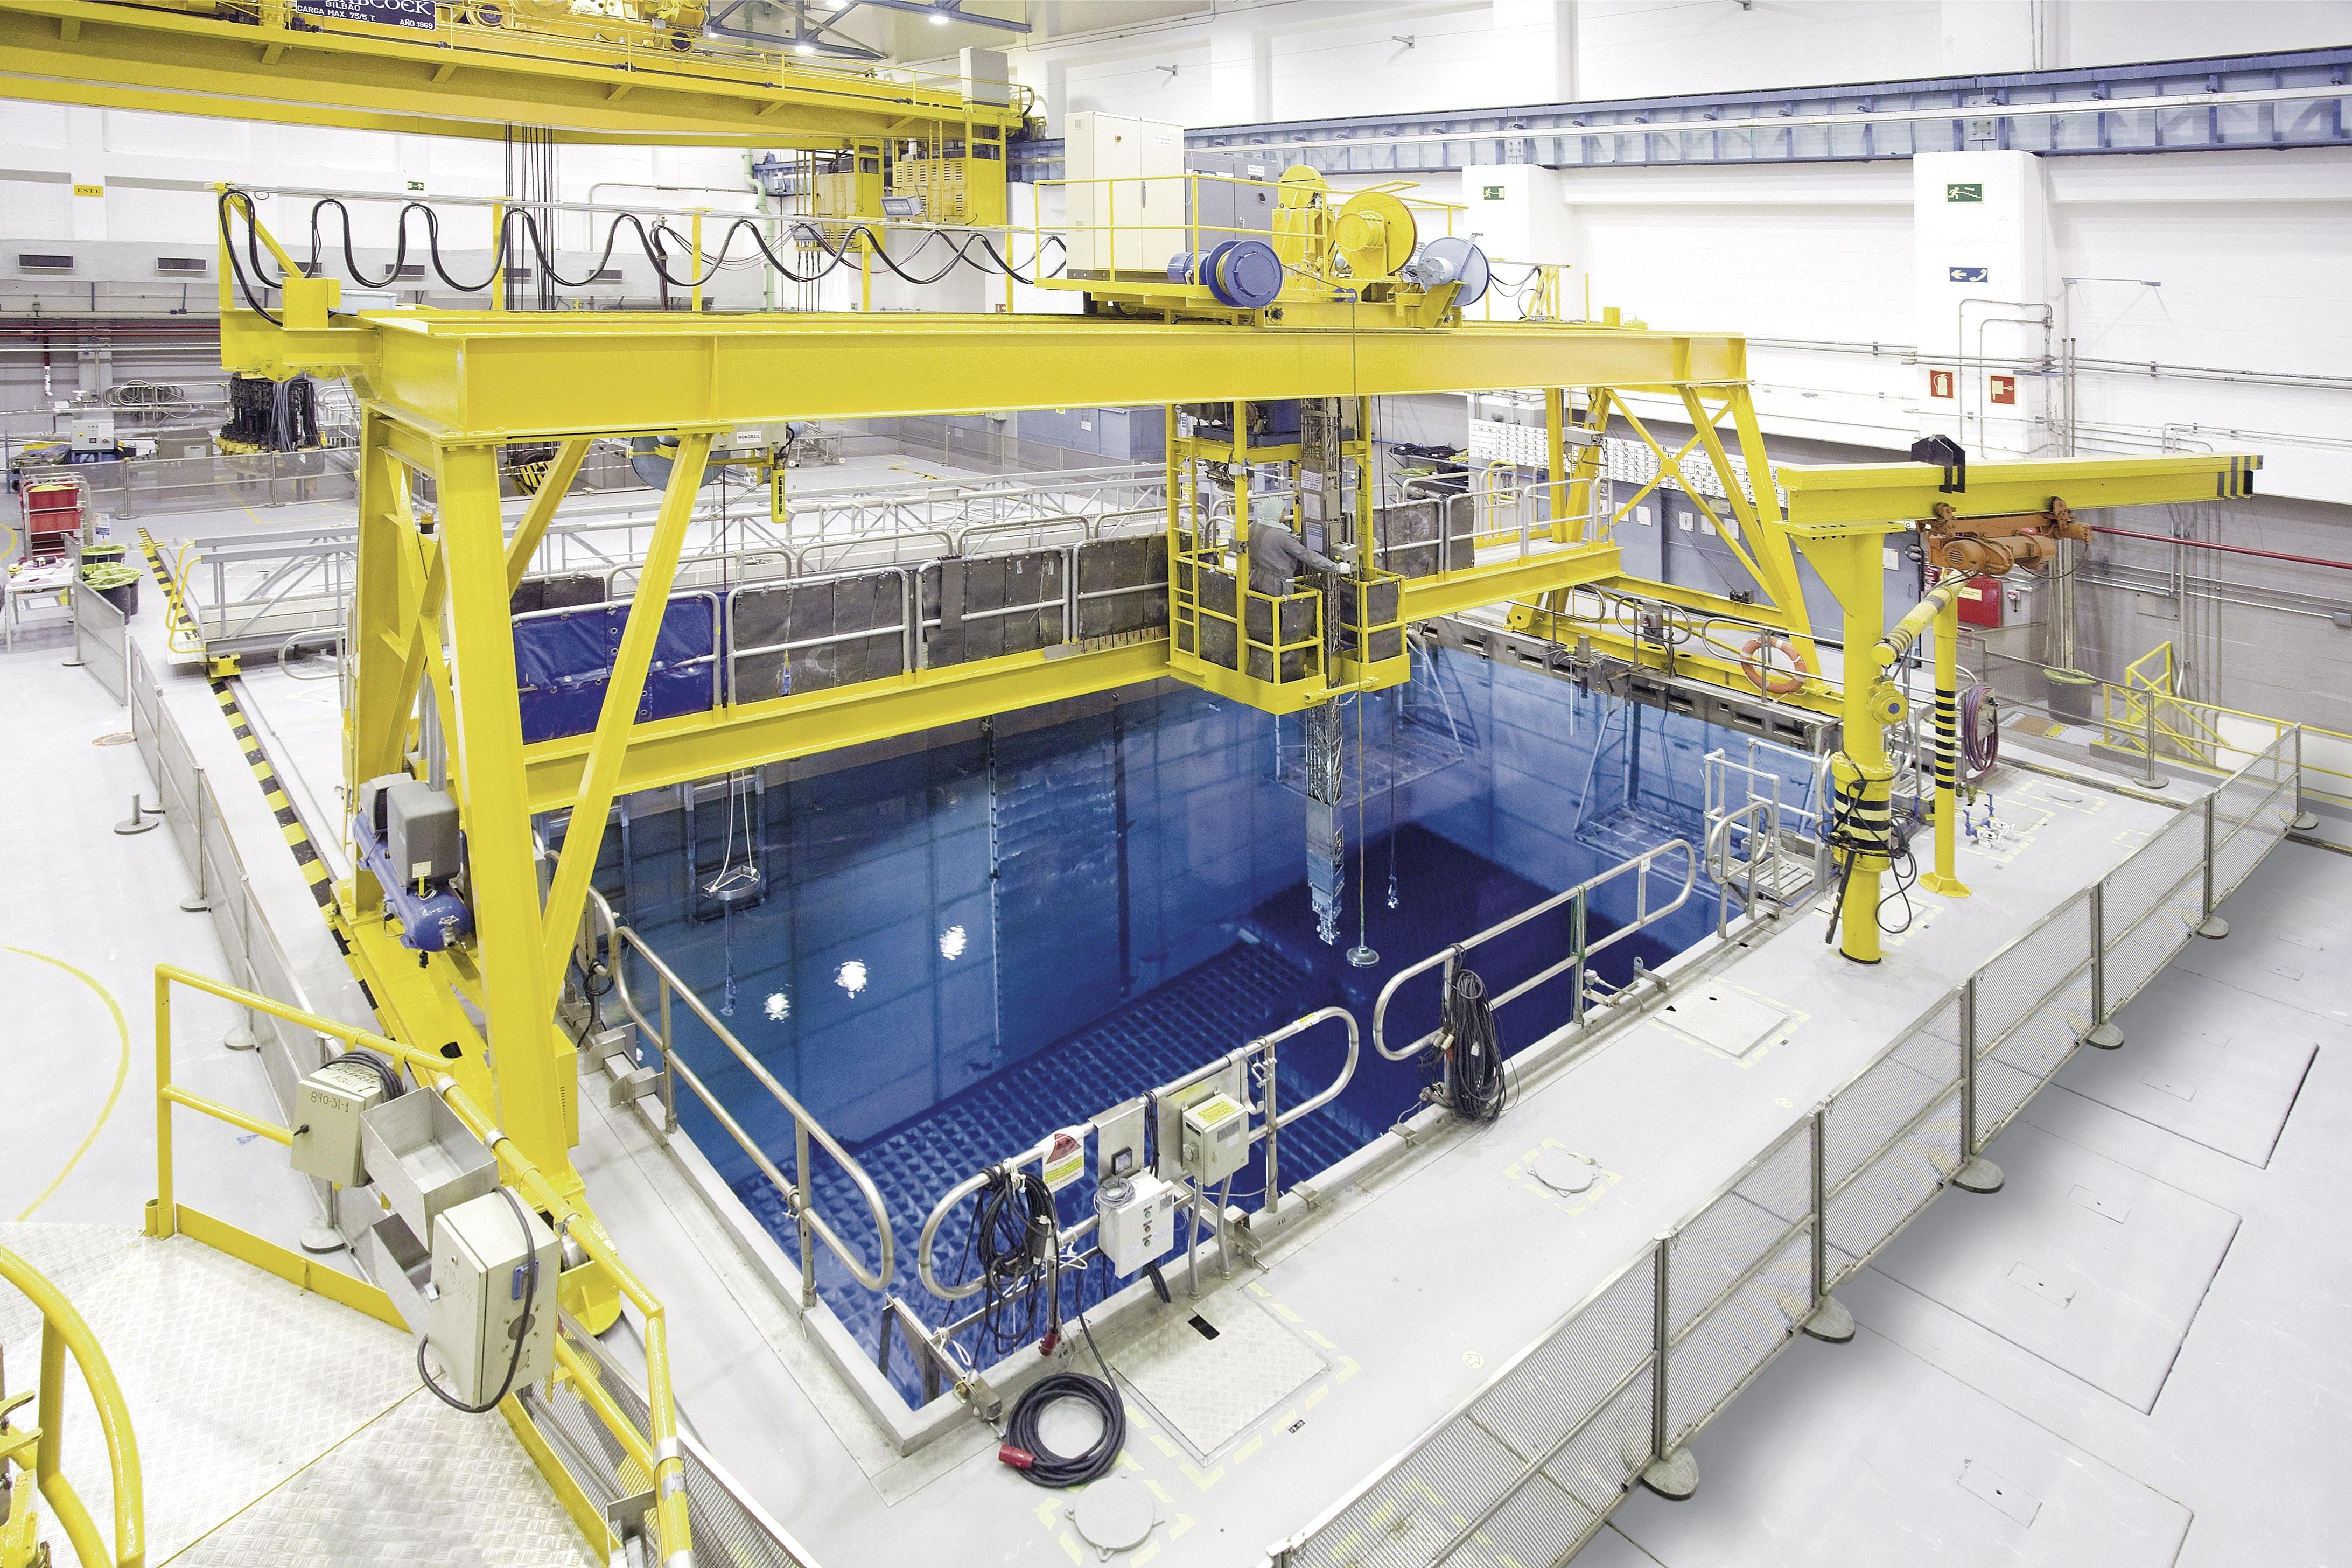 El CSN condiciona la prórroga a parada segura y sin poder introducir combustible en el reactor